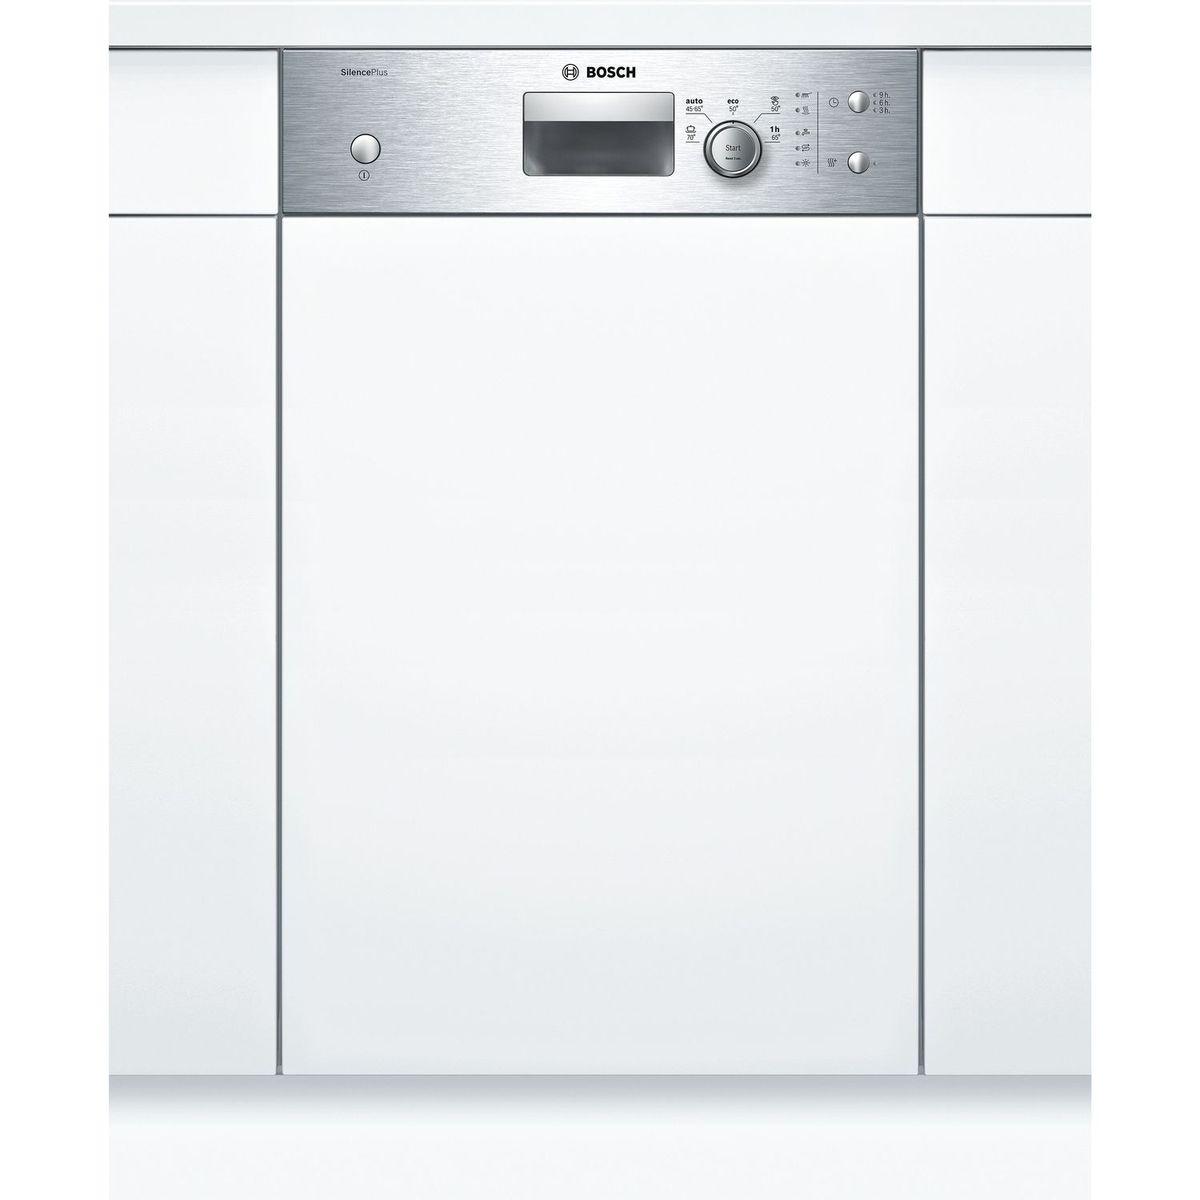 Lave-vaisselle semi-encastrable SPI25CS00E, 9 couverts, 45 cm, 48 dB, 5 programmes